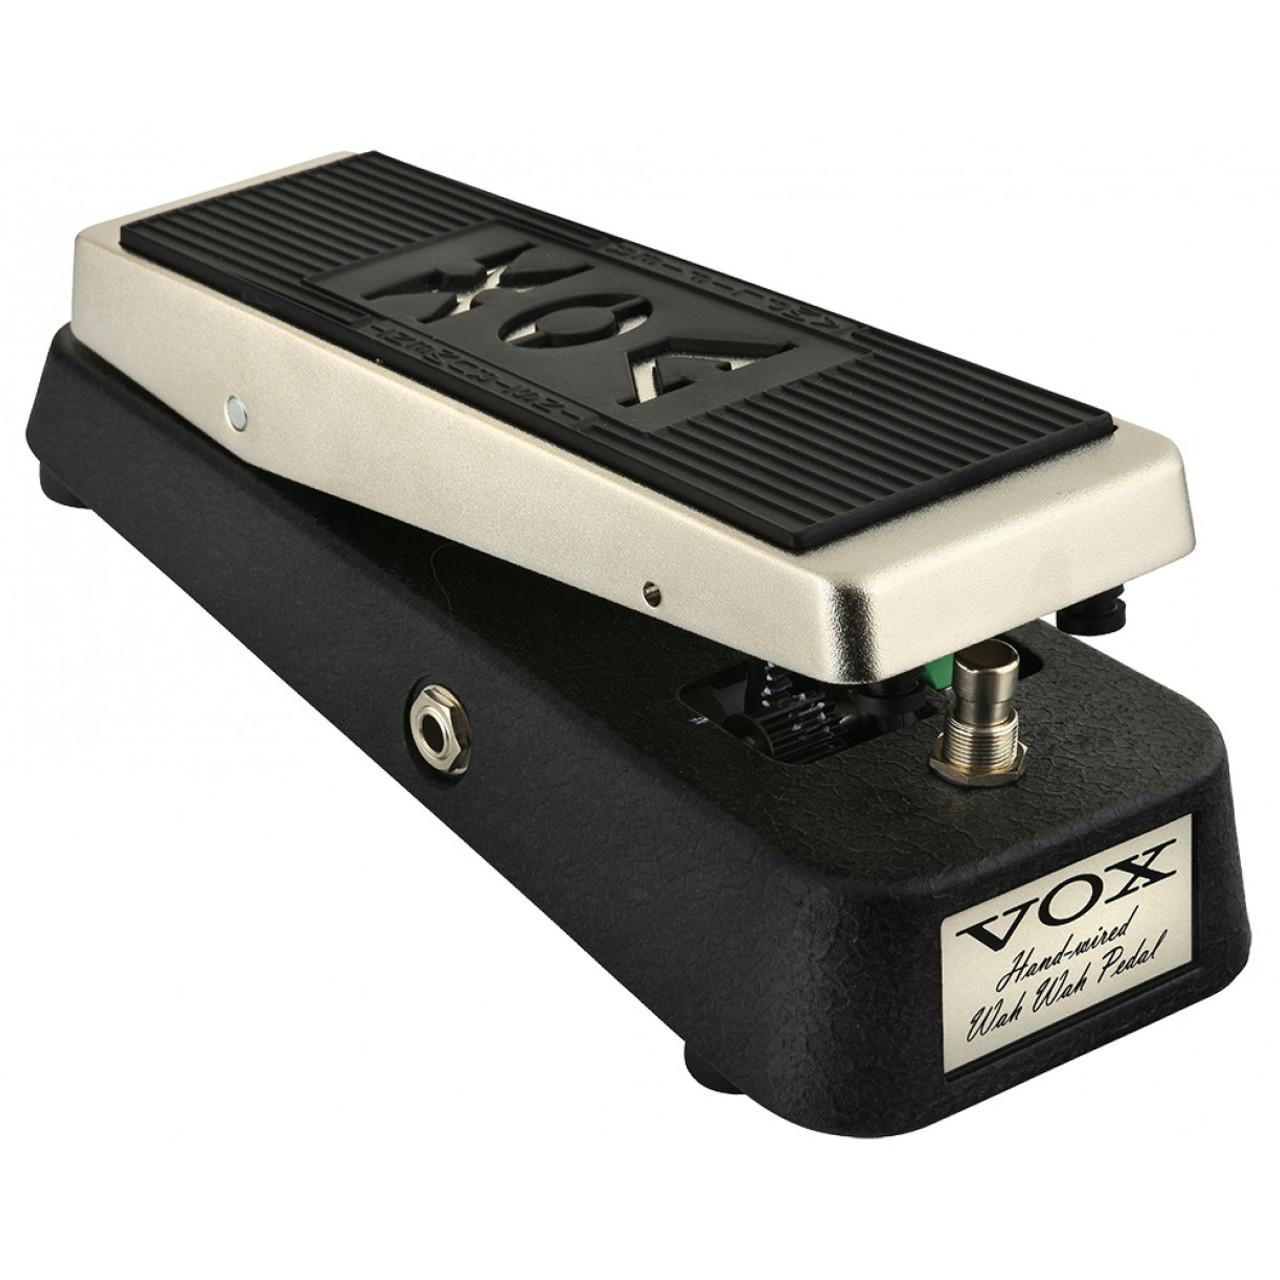 Wah pedal vox wah Wah &